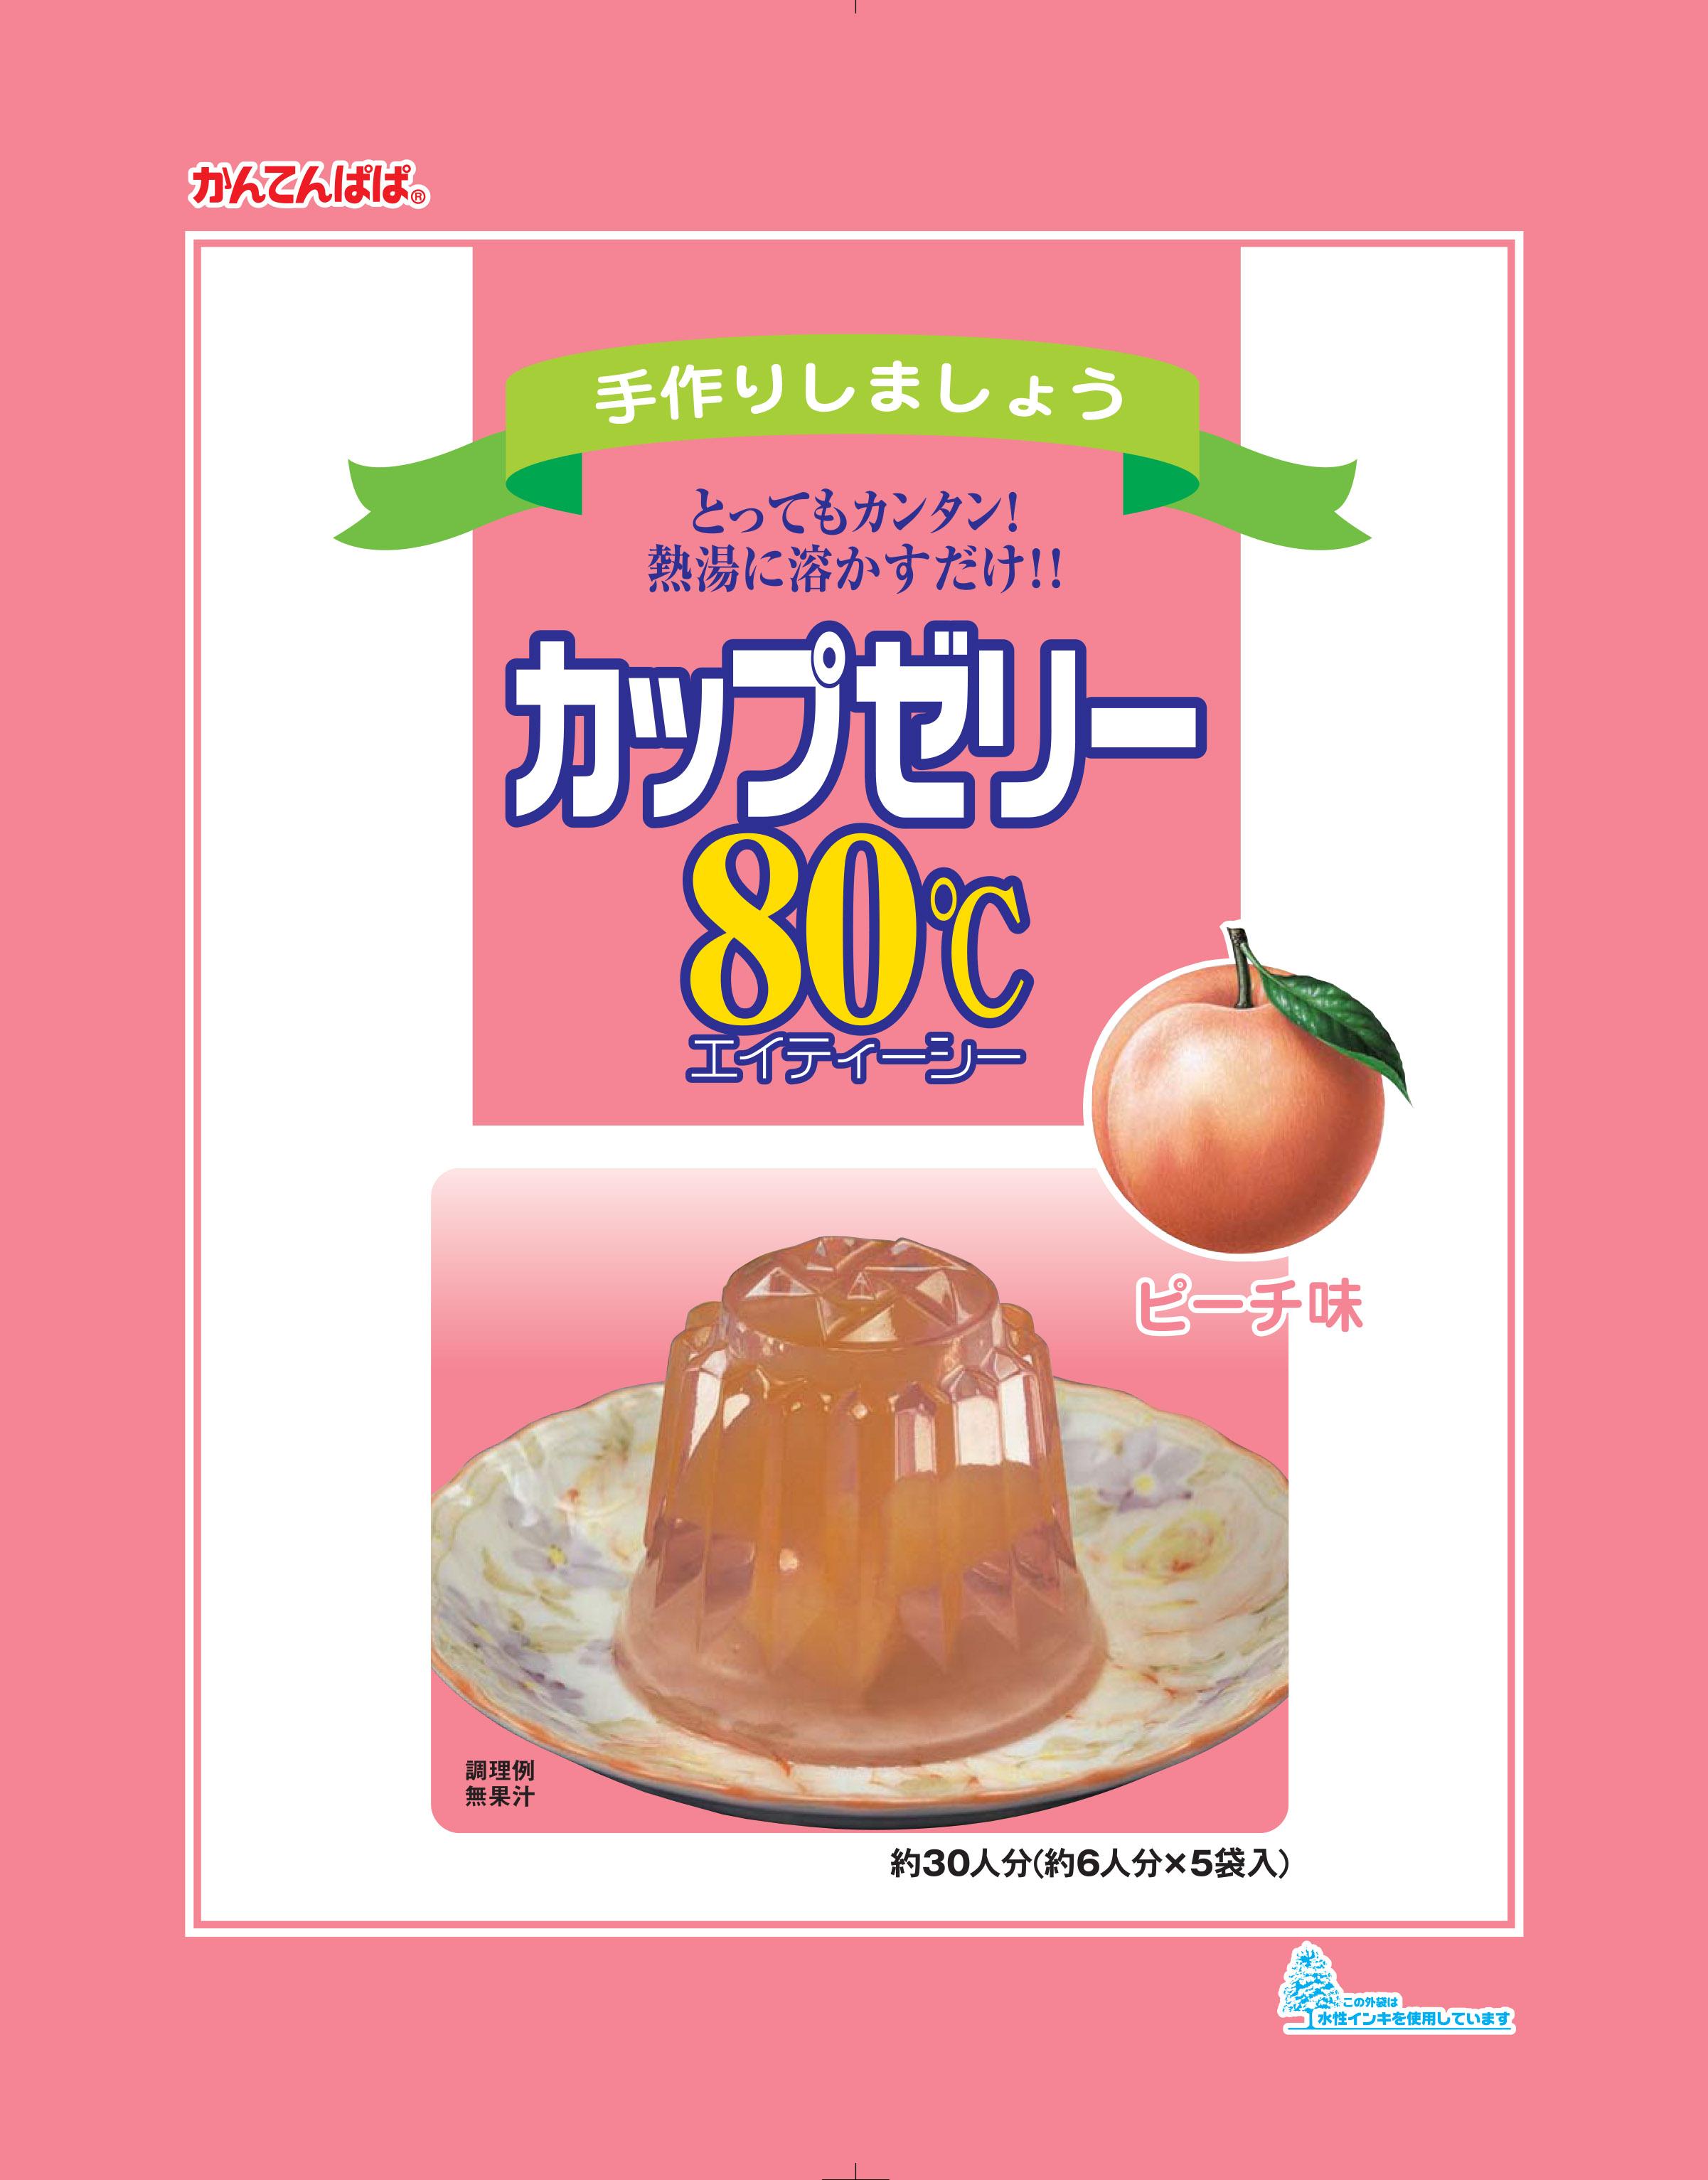 カップゼリー80℃ ピーチ味 5袋入